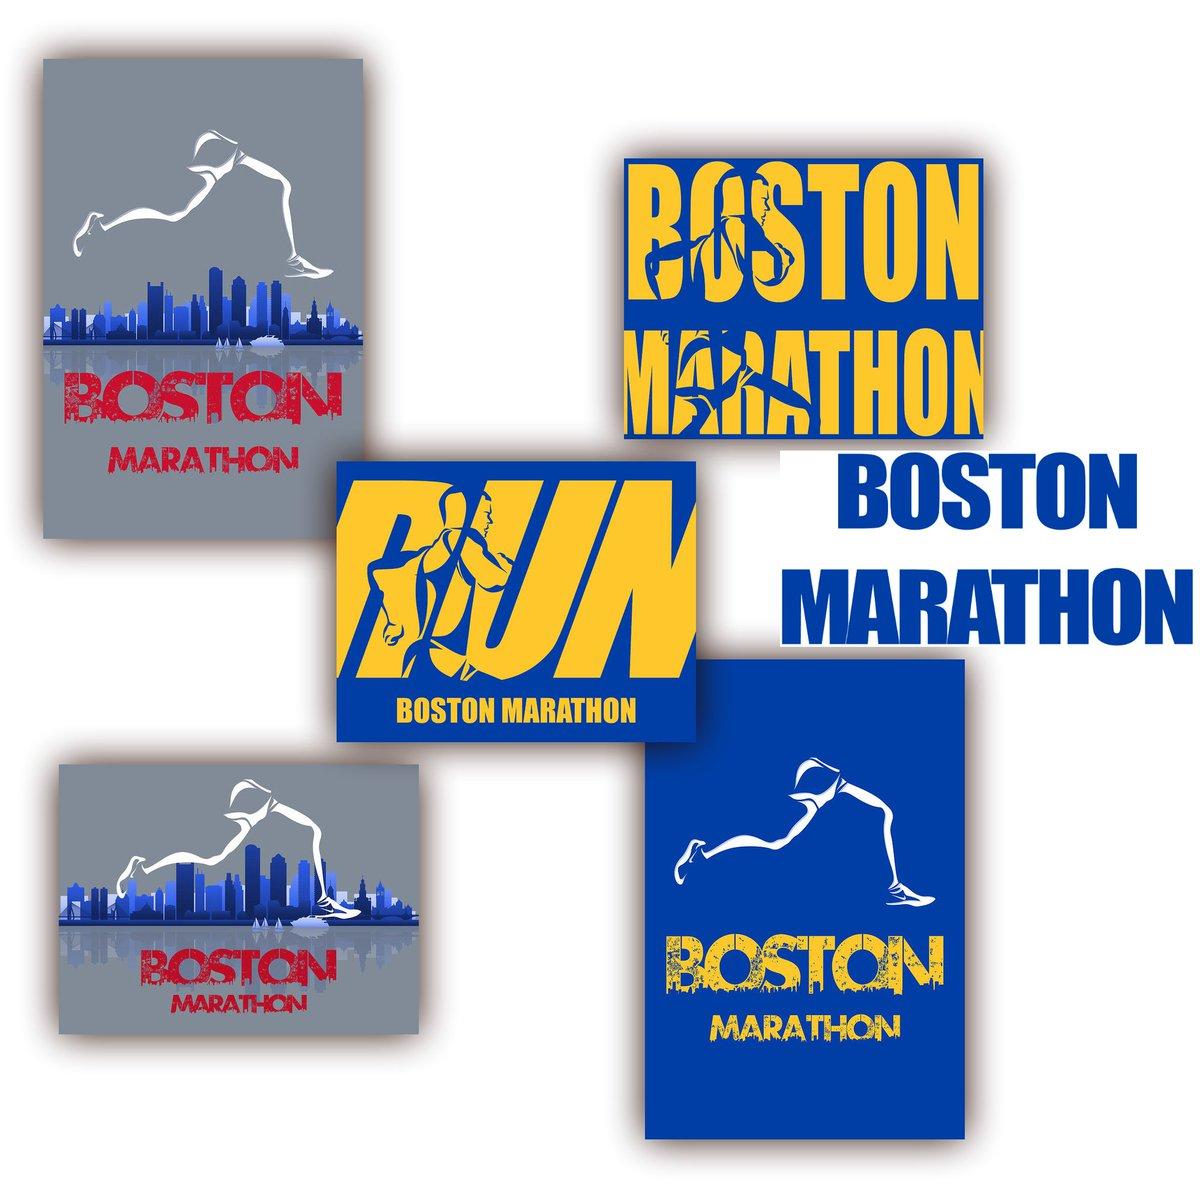 Boston Marathon Prints https://fineartamerica.com/profiles/1-joe-hamilton.html?tab=artworkgalleries&artworkgalleryid=510946  #bostonmarathonday #BostonStrong #Boston2018 #bostonmarathon #boston #race #raceday #marathon #Marathon2018 @BostonMara @BostonMarathon_ @LondonMarathon @bostonmarathon  - FestivalFocus